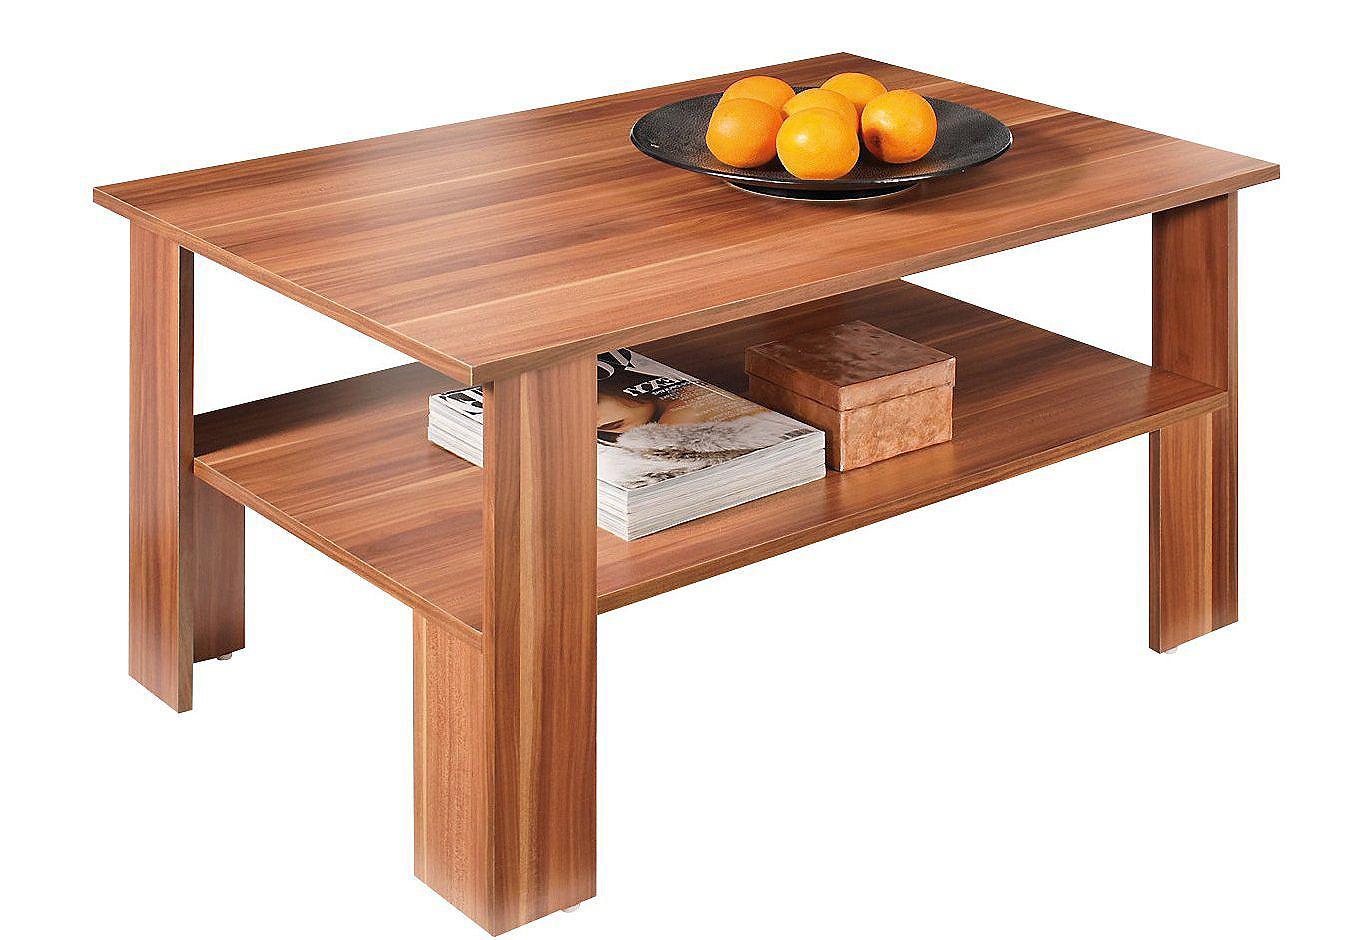 salontafel 100x100 design wenge gehard glas kopen. Black Bedroom Furniture Sets. Home Design Ideas